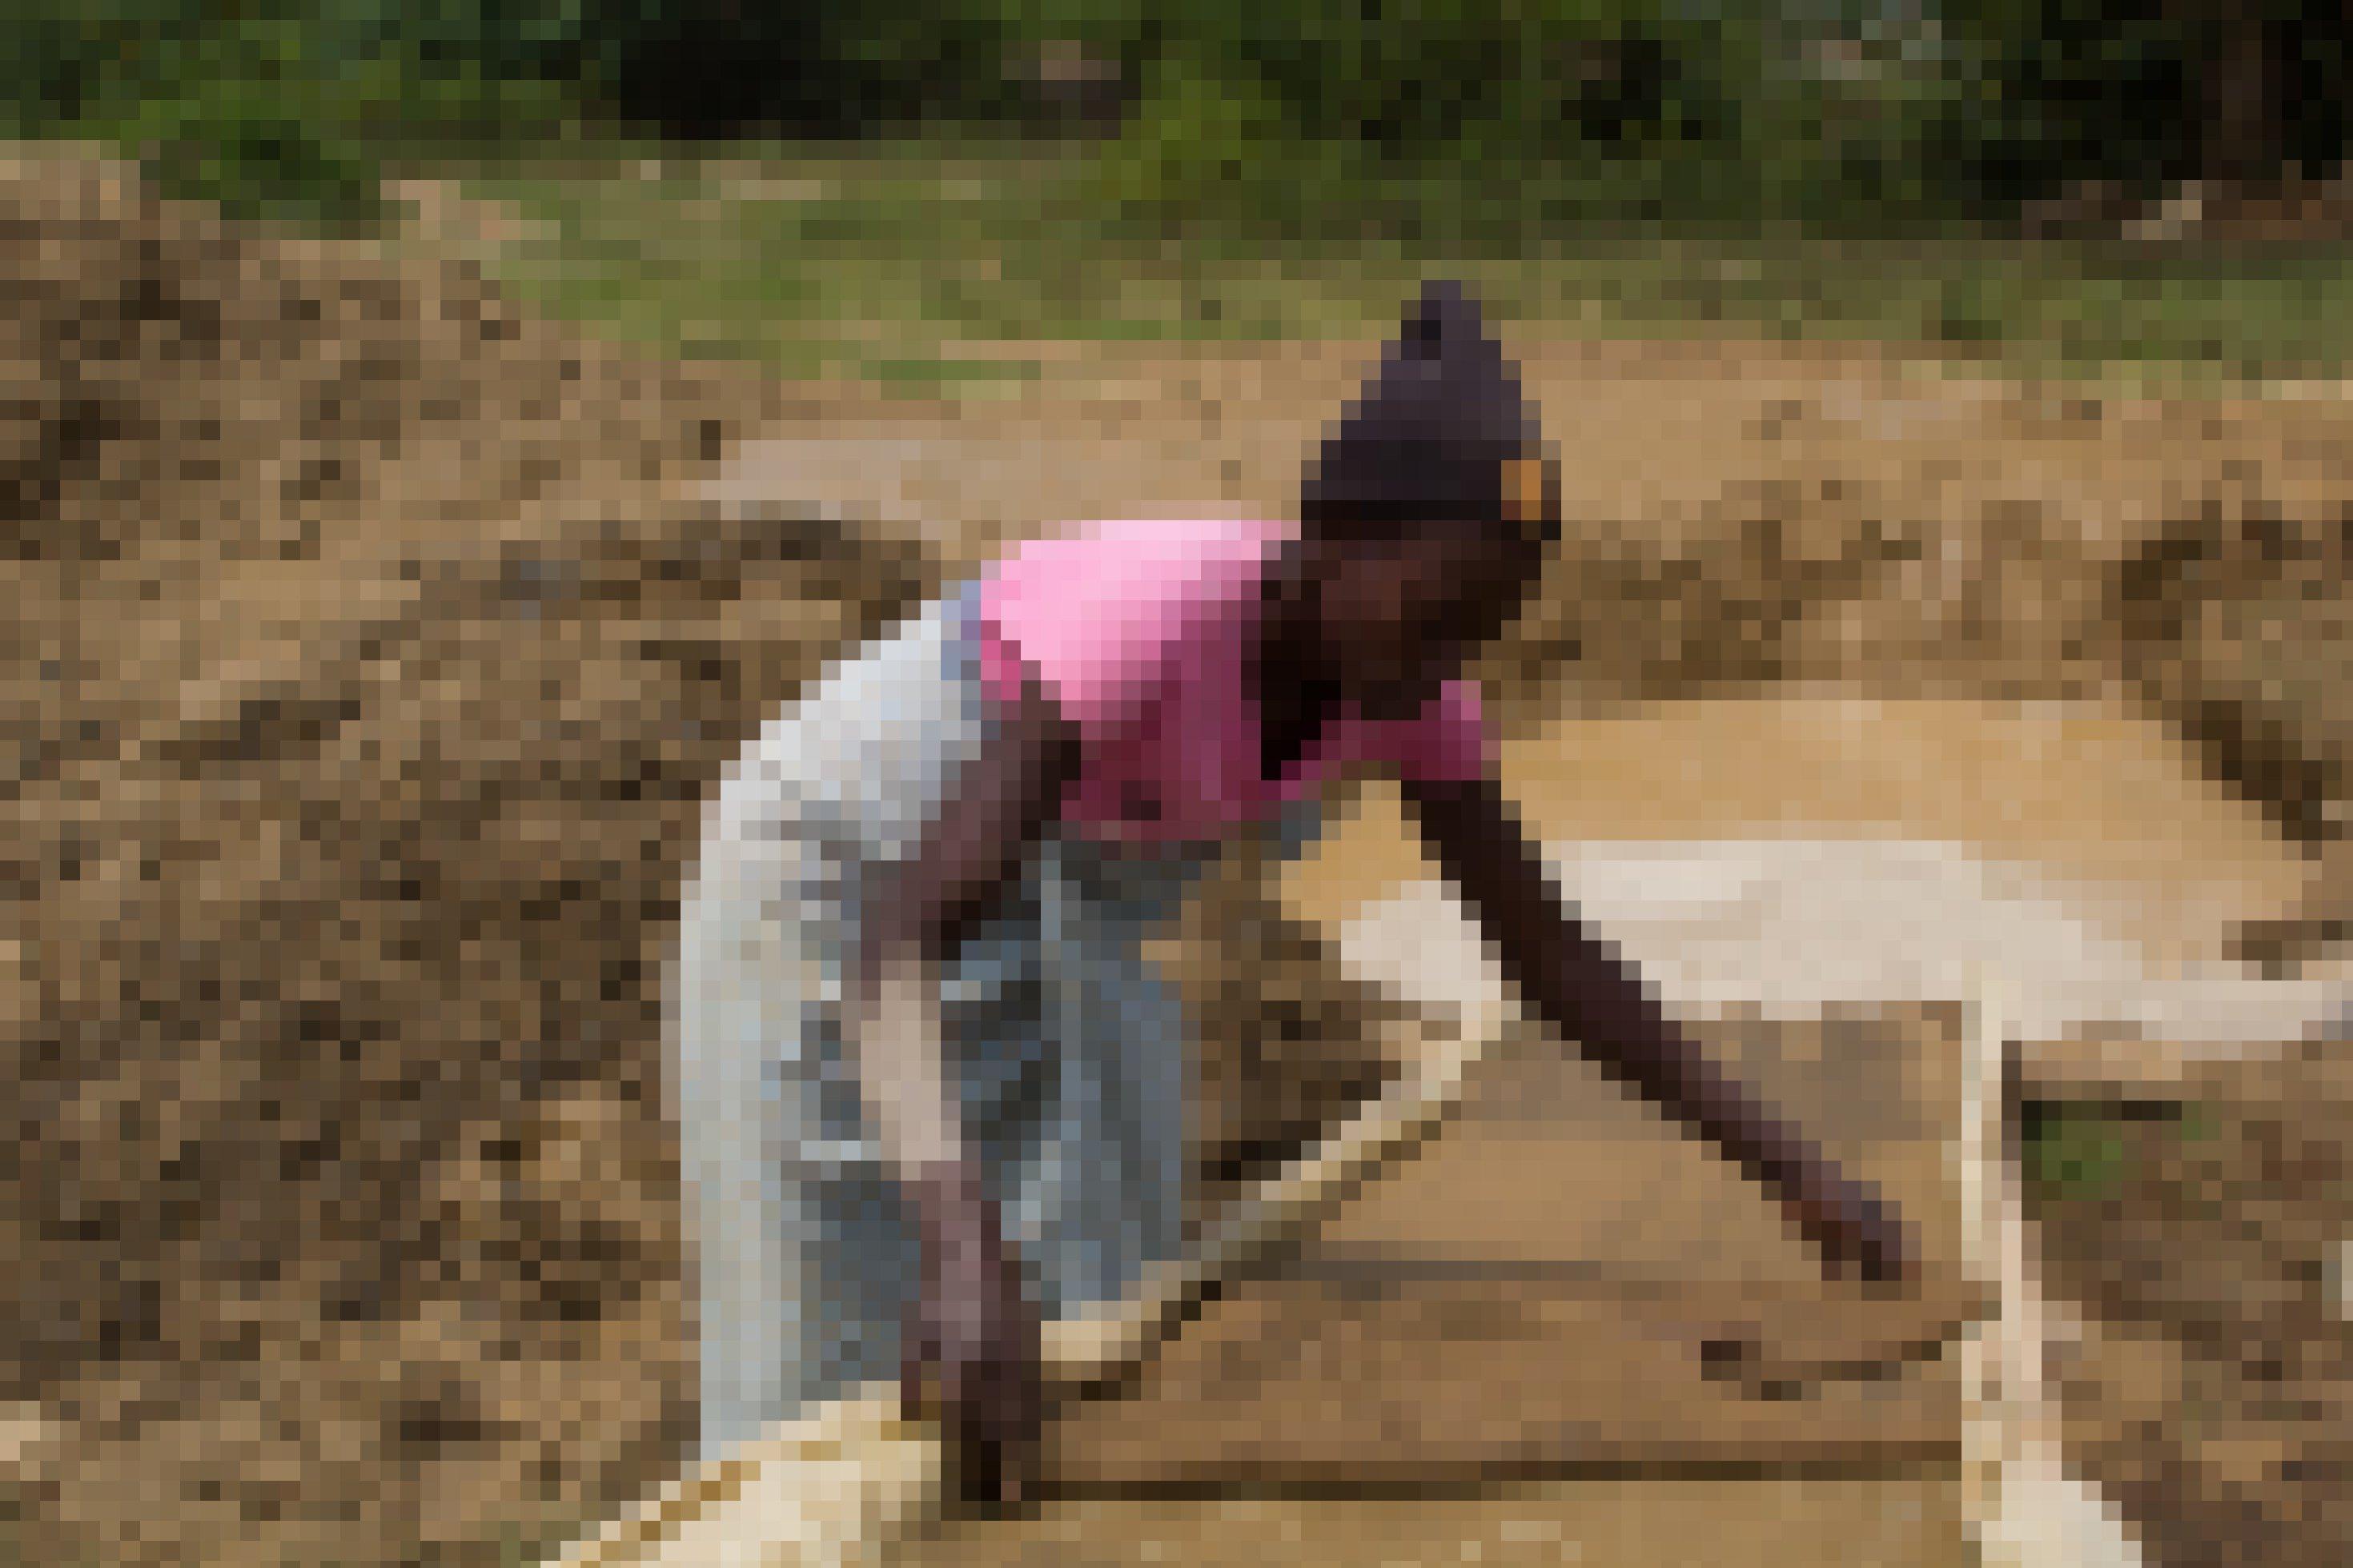 Ein Frau beugt sich über ein feuchtes Stück Sisal, das auf einer Art Rutsche liegt, die in ein Wasserbecken führt.